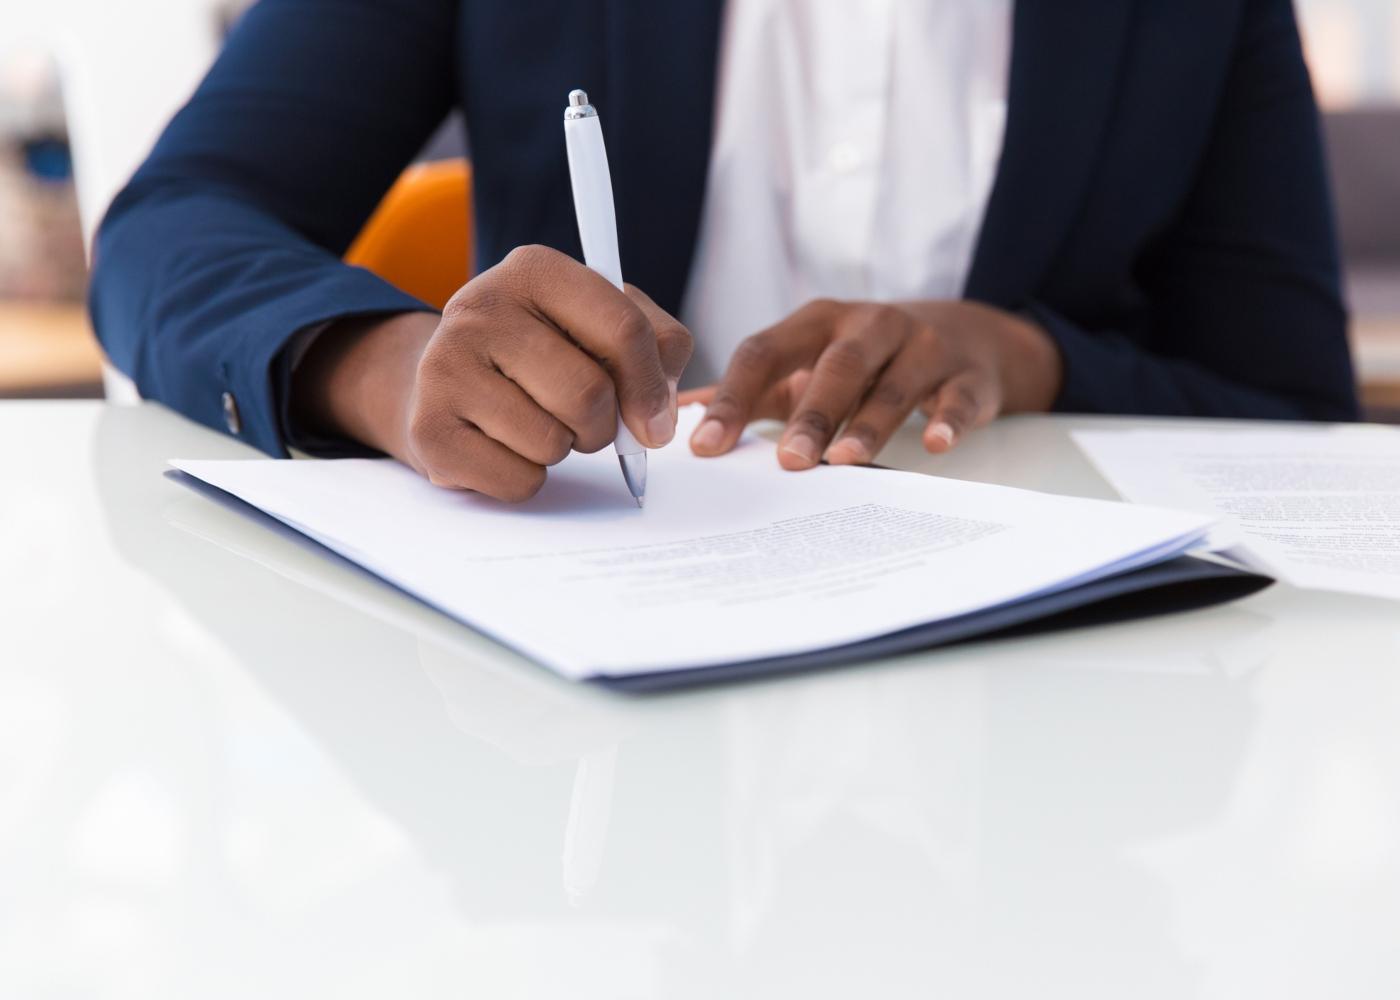 assinar documento